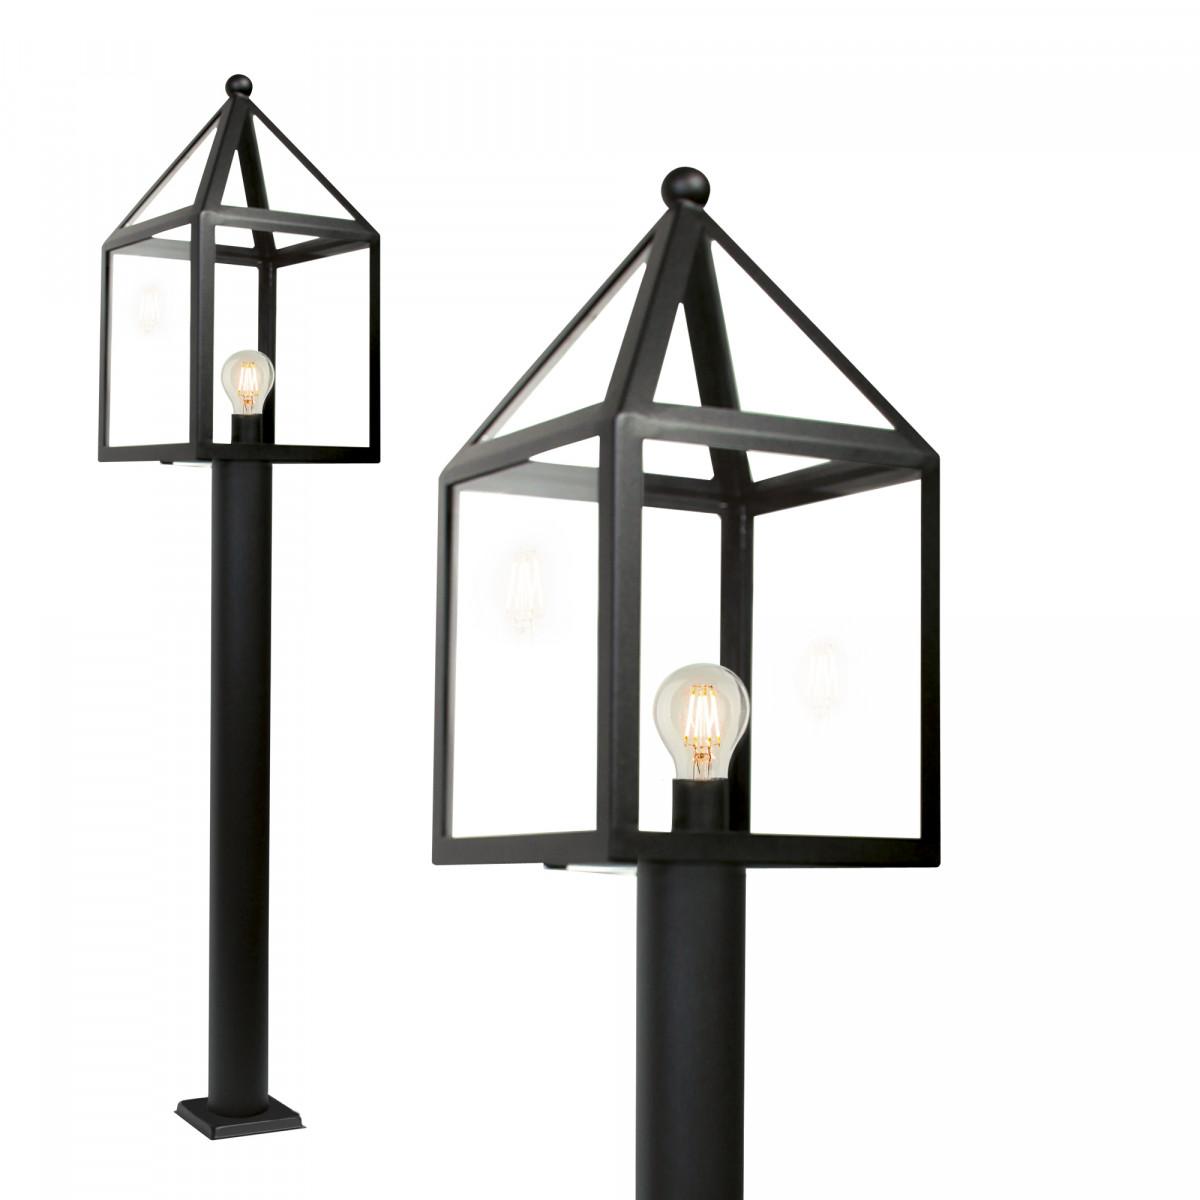 tuinlamp leusden terras 115cm hoge staande buitenlamp zwart, lantaarnkap zwart frame, huisjes model, glazen vensters, lichtbron zichtbaar